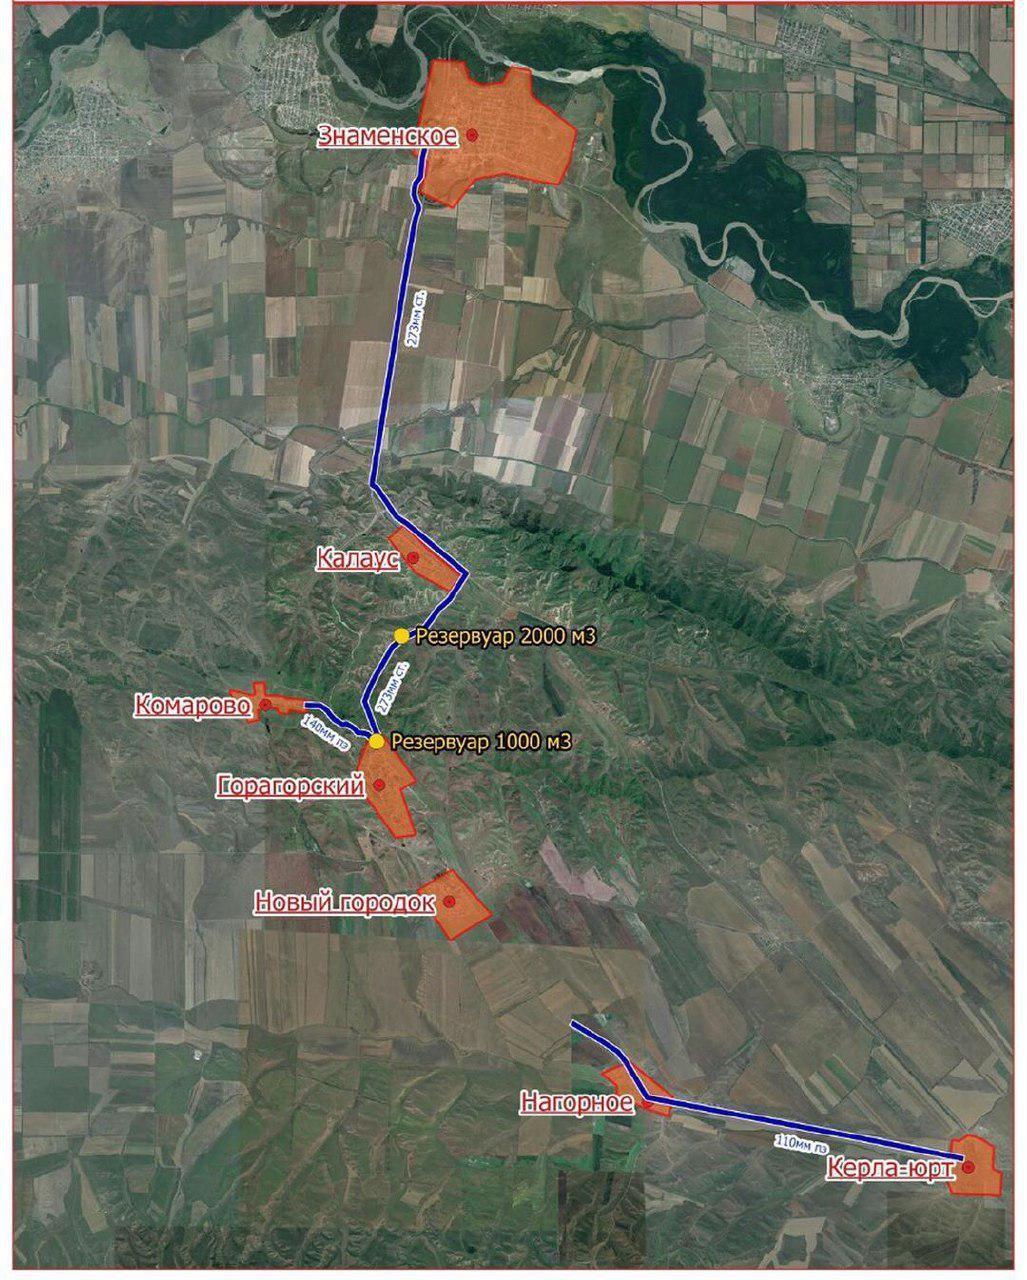 ЧЕЧНЯ. В шести населенных пунктах Чечни начнутся работы по замене водопровода